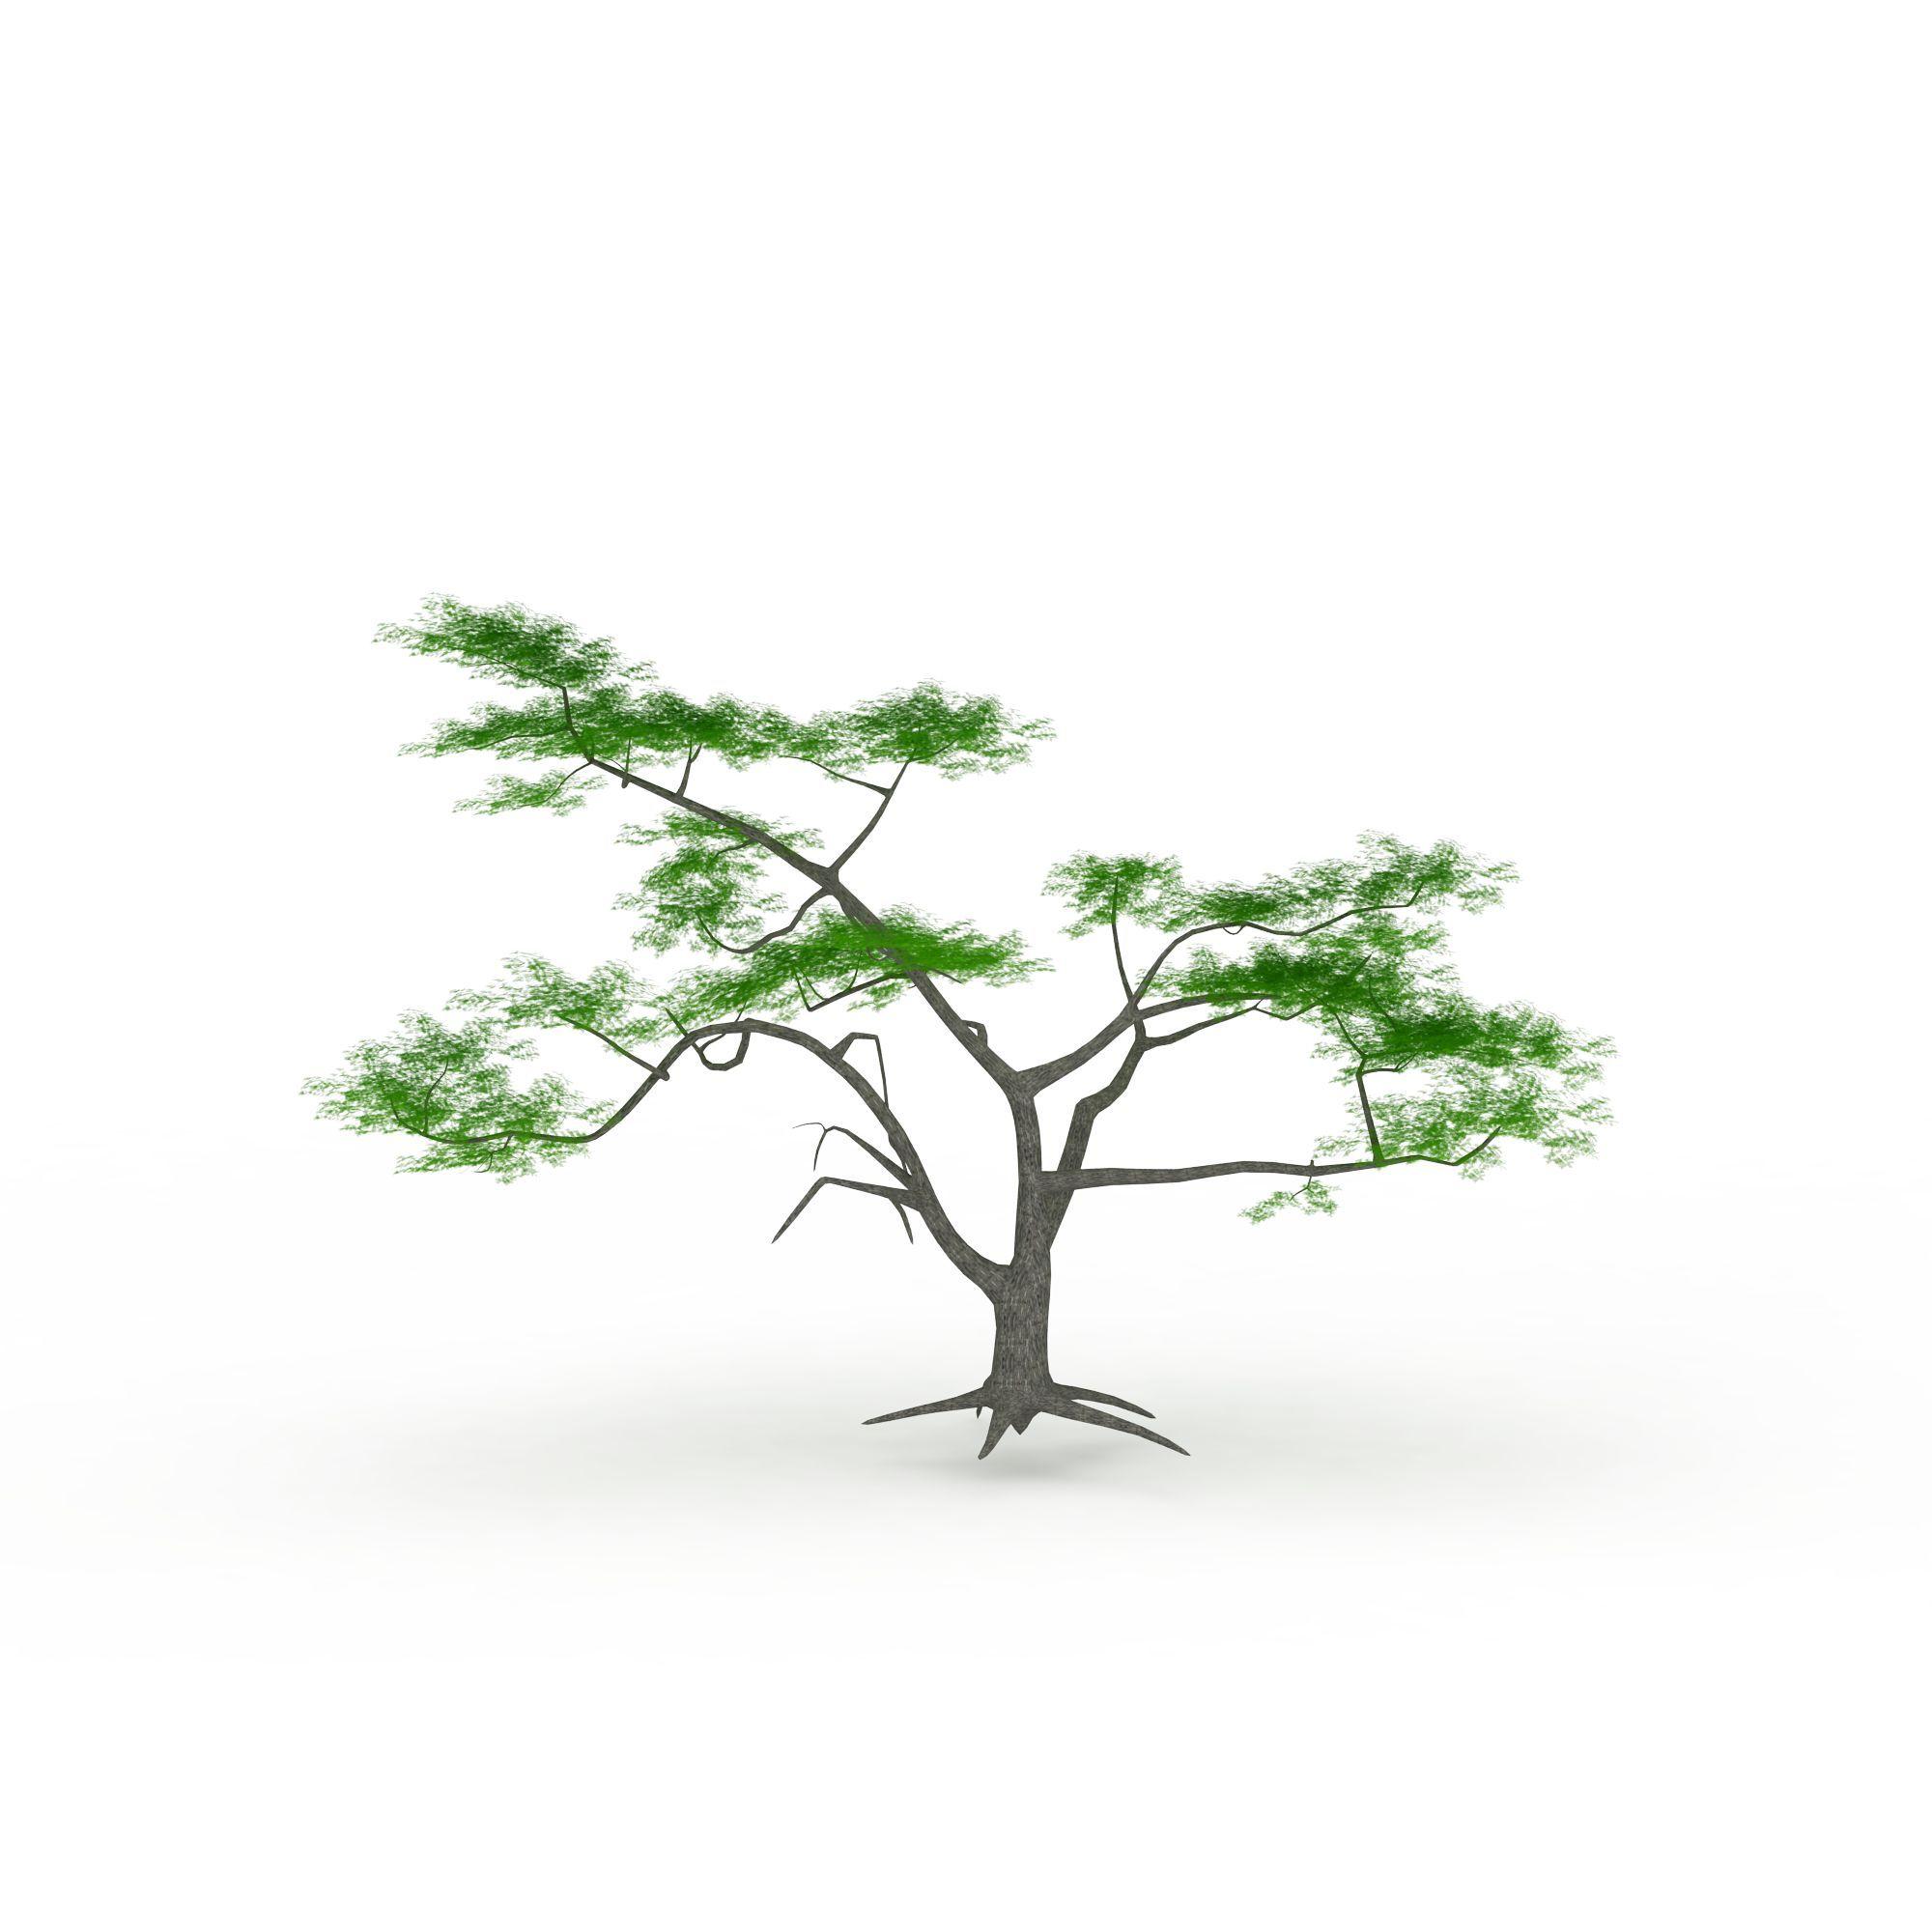 观赏性松树图片_观赏性松树png图片素材_观赏性松树图